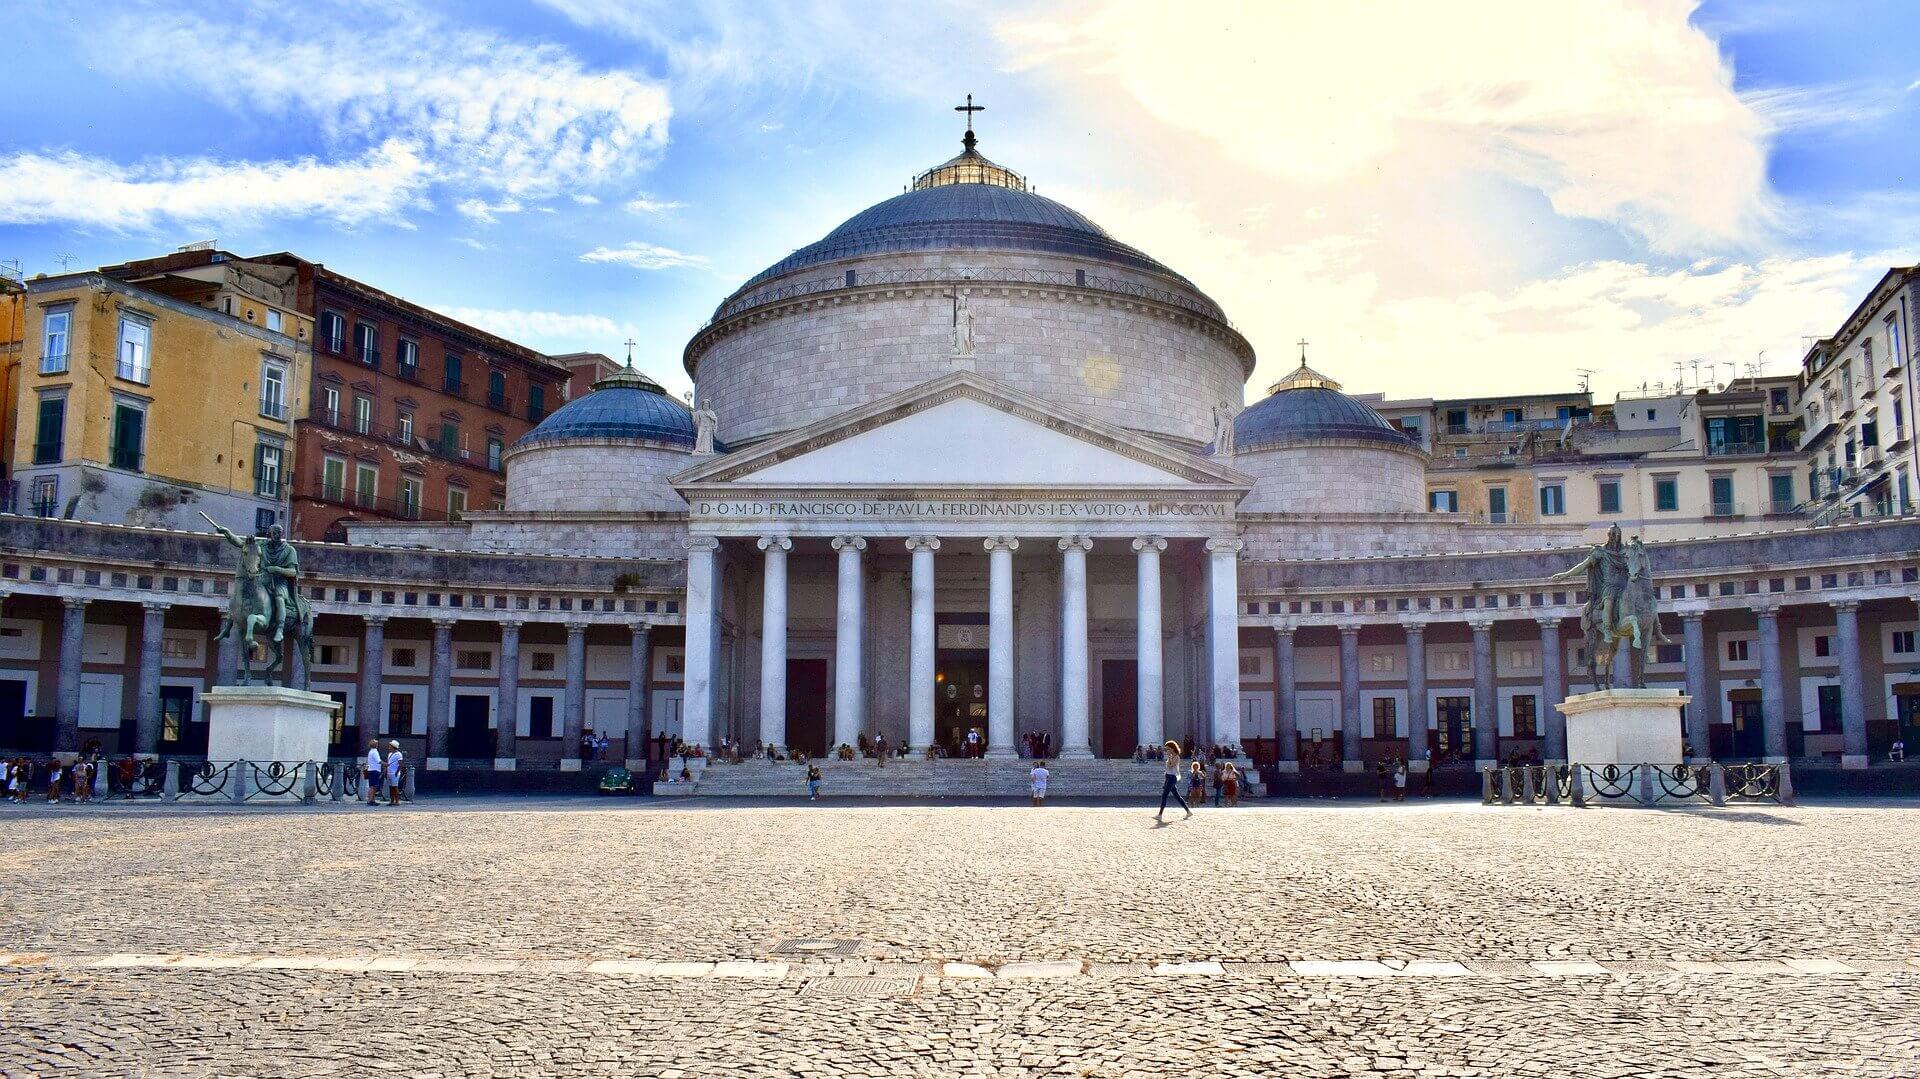 Cosa vedere a Napoli: Piazza Plebiscito